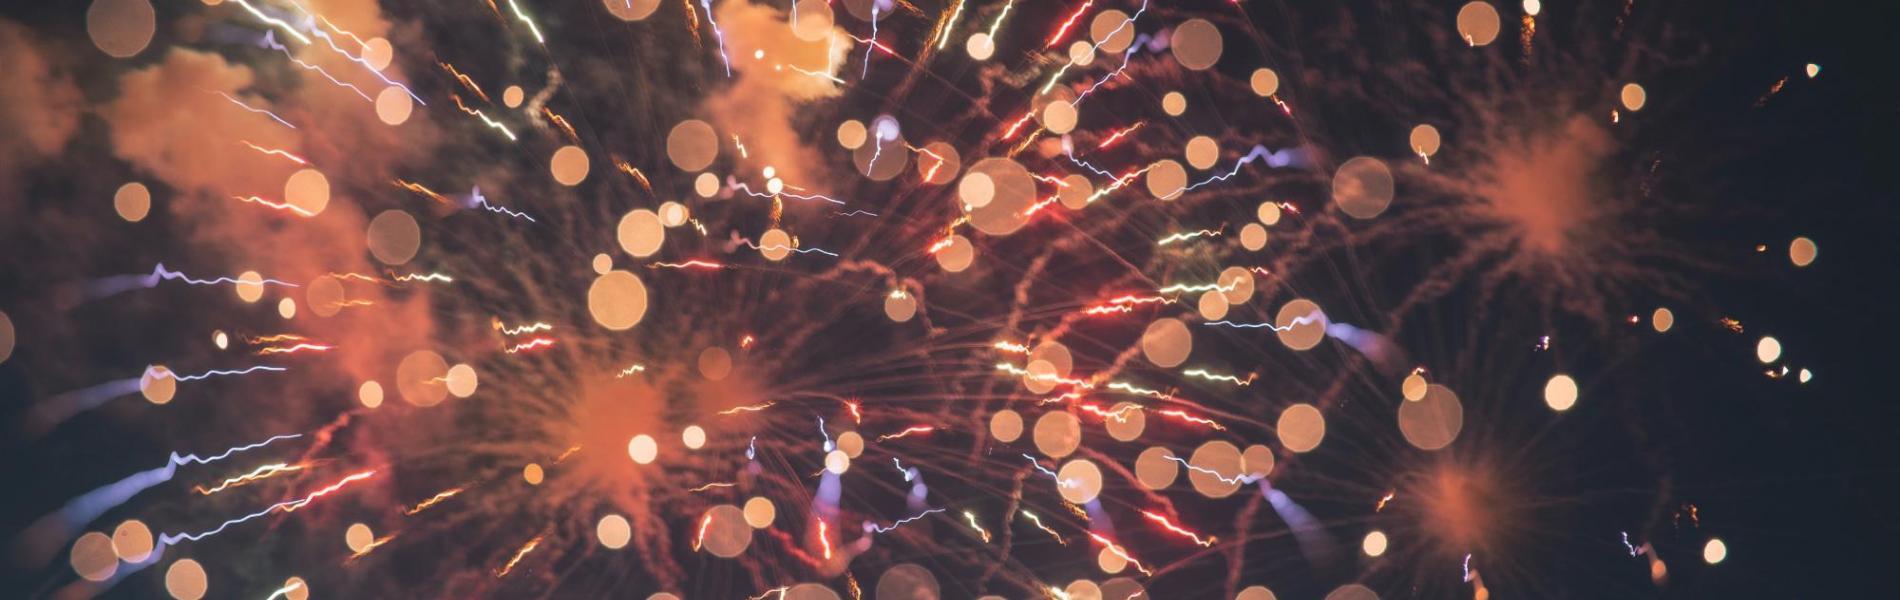 fireworks exploding